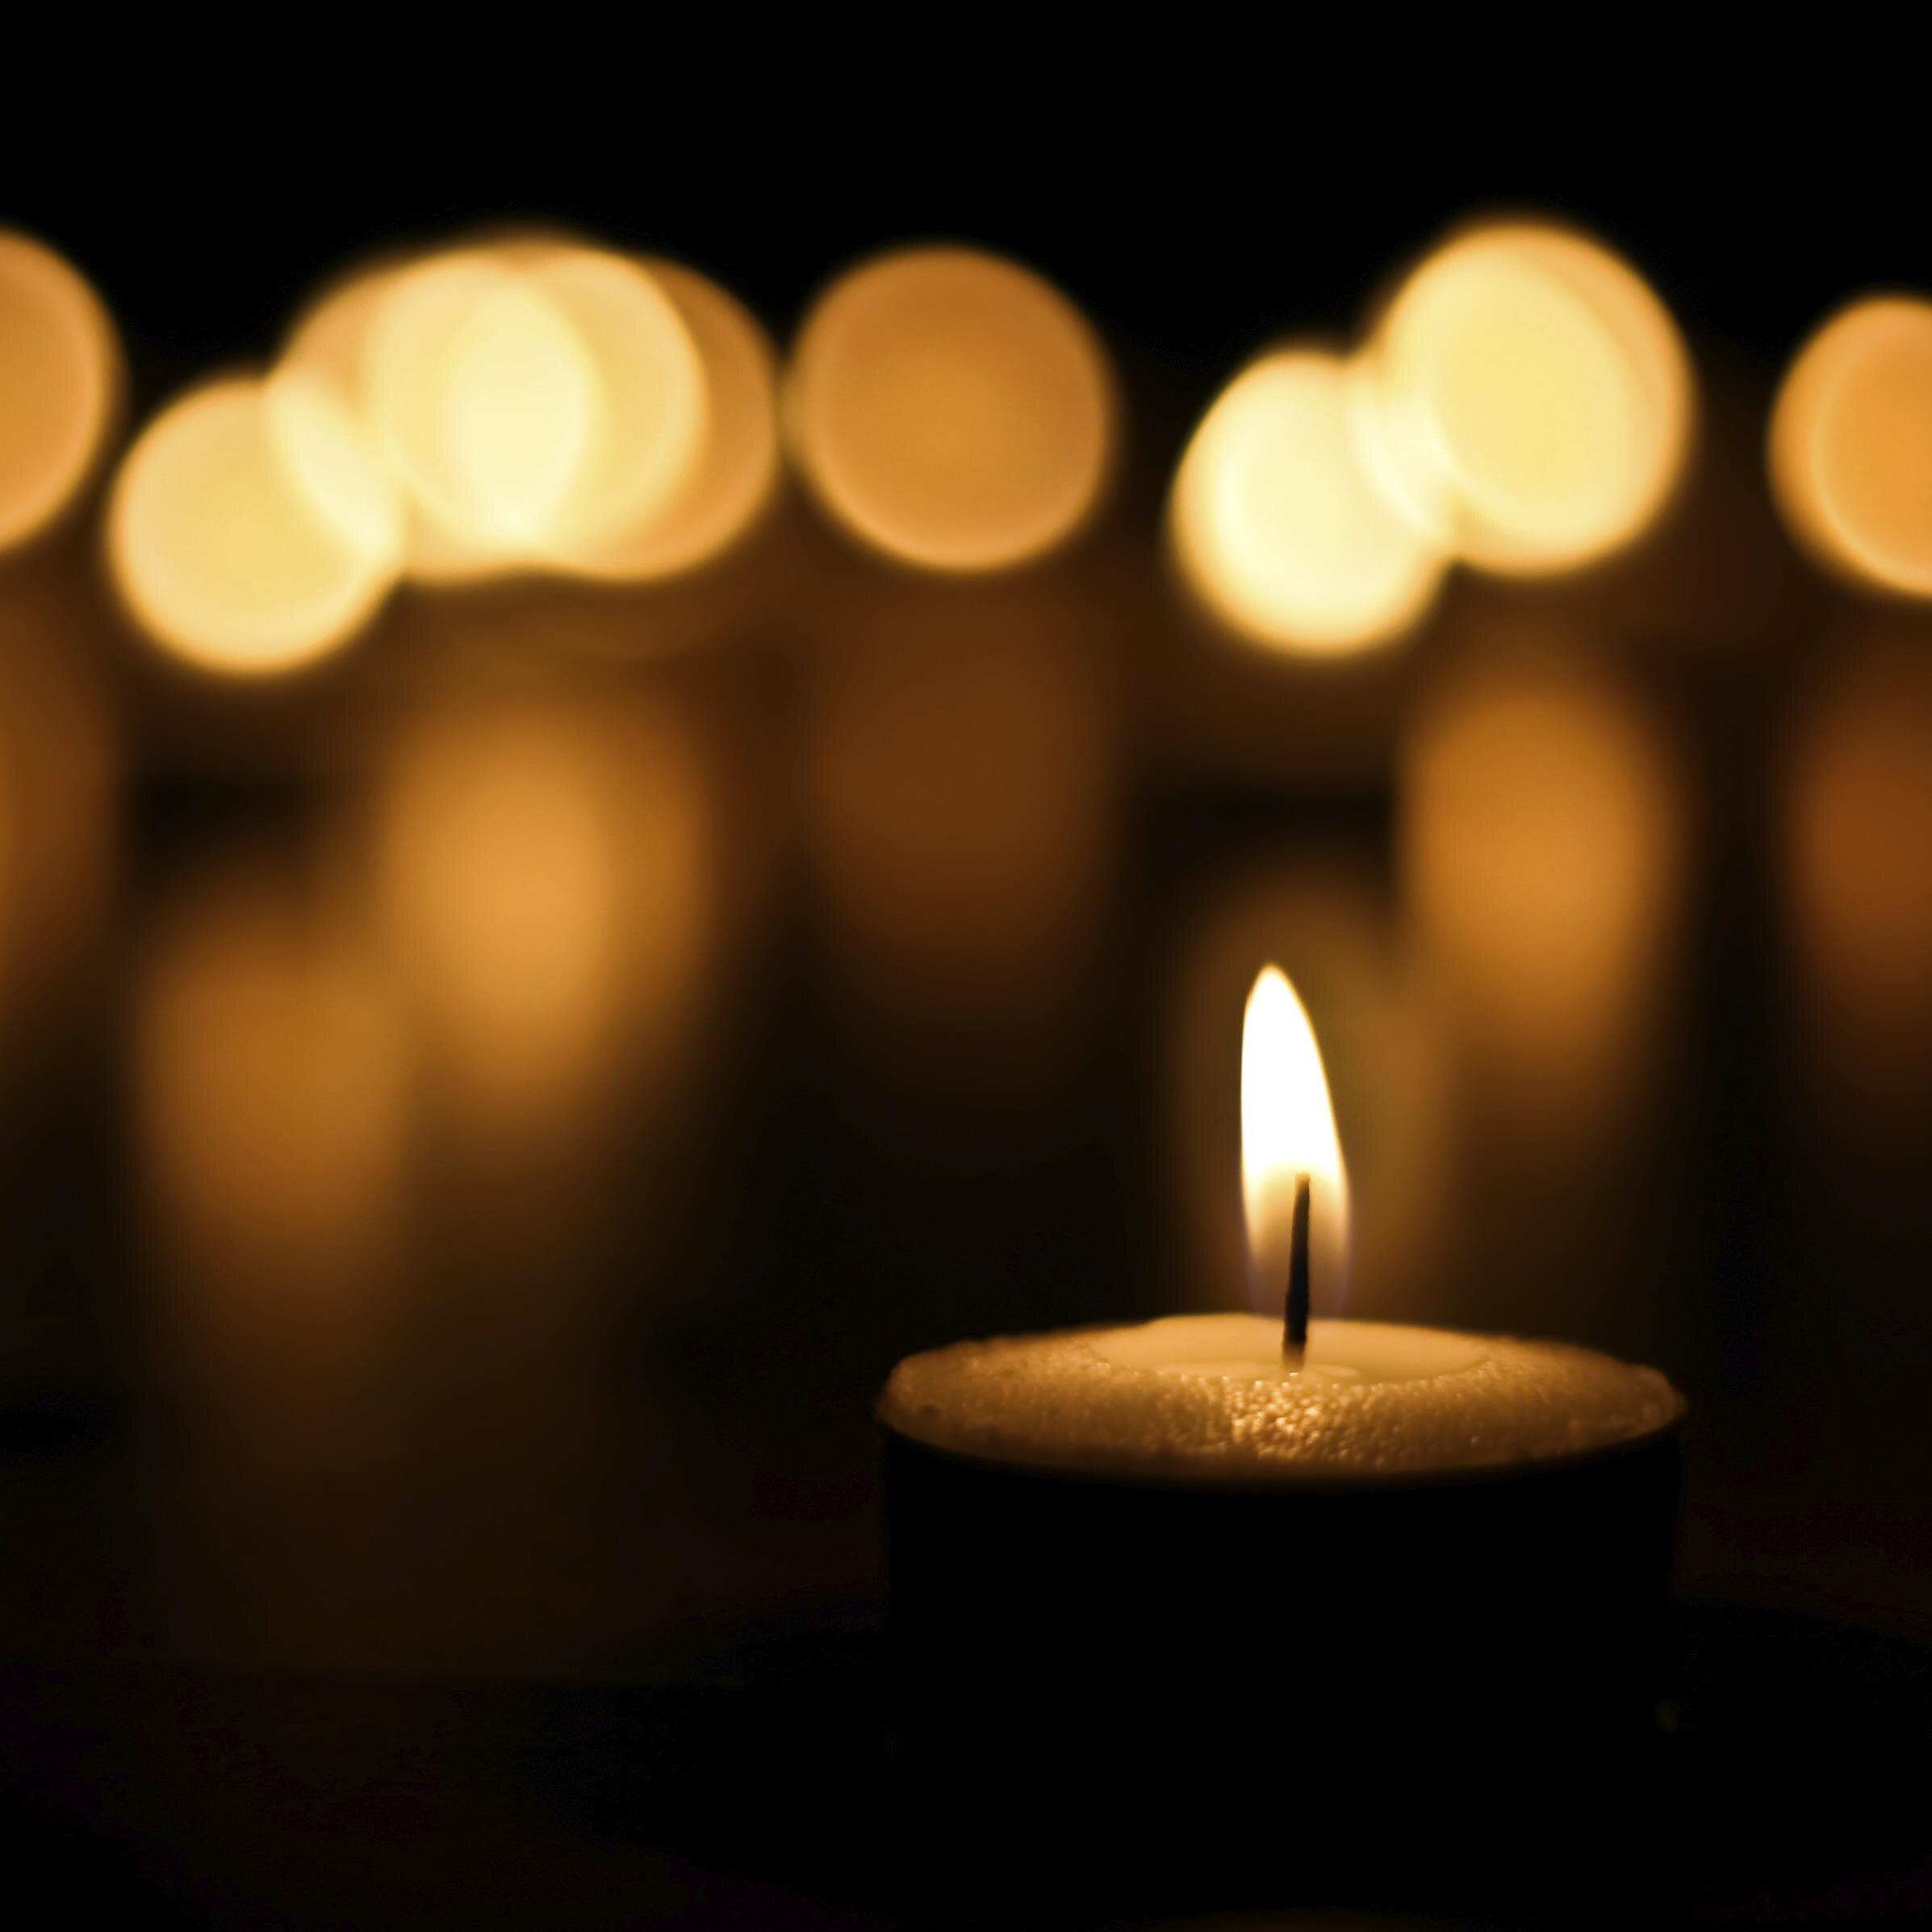 En souvenir d'elles : hommage musical aux victimes de la tragédie de Polytechnique